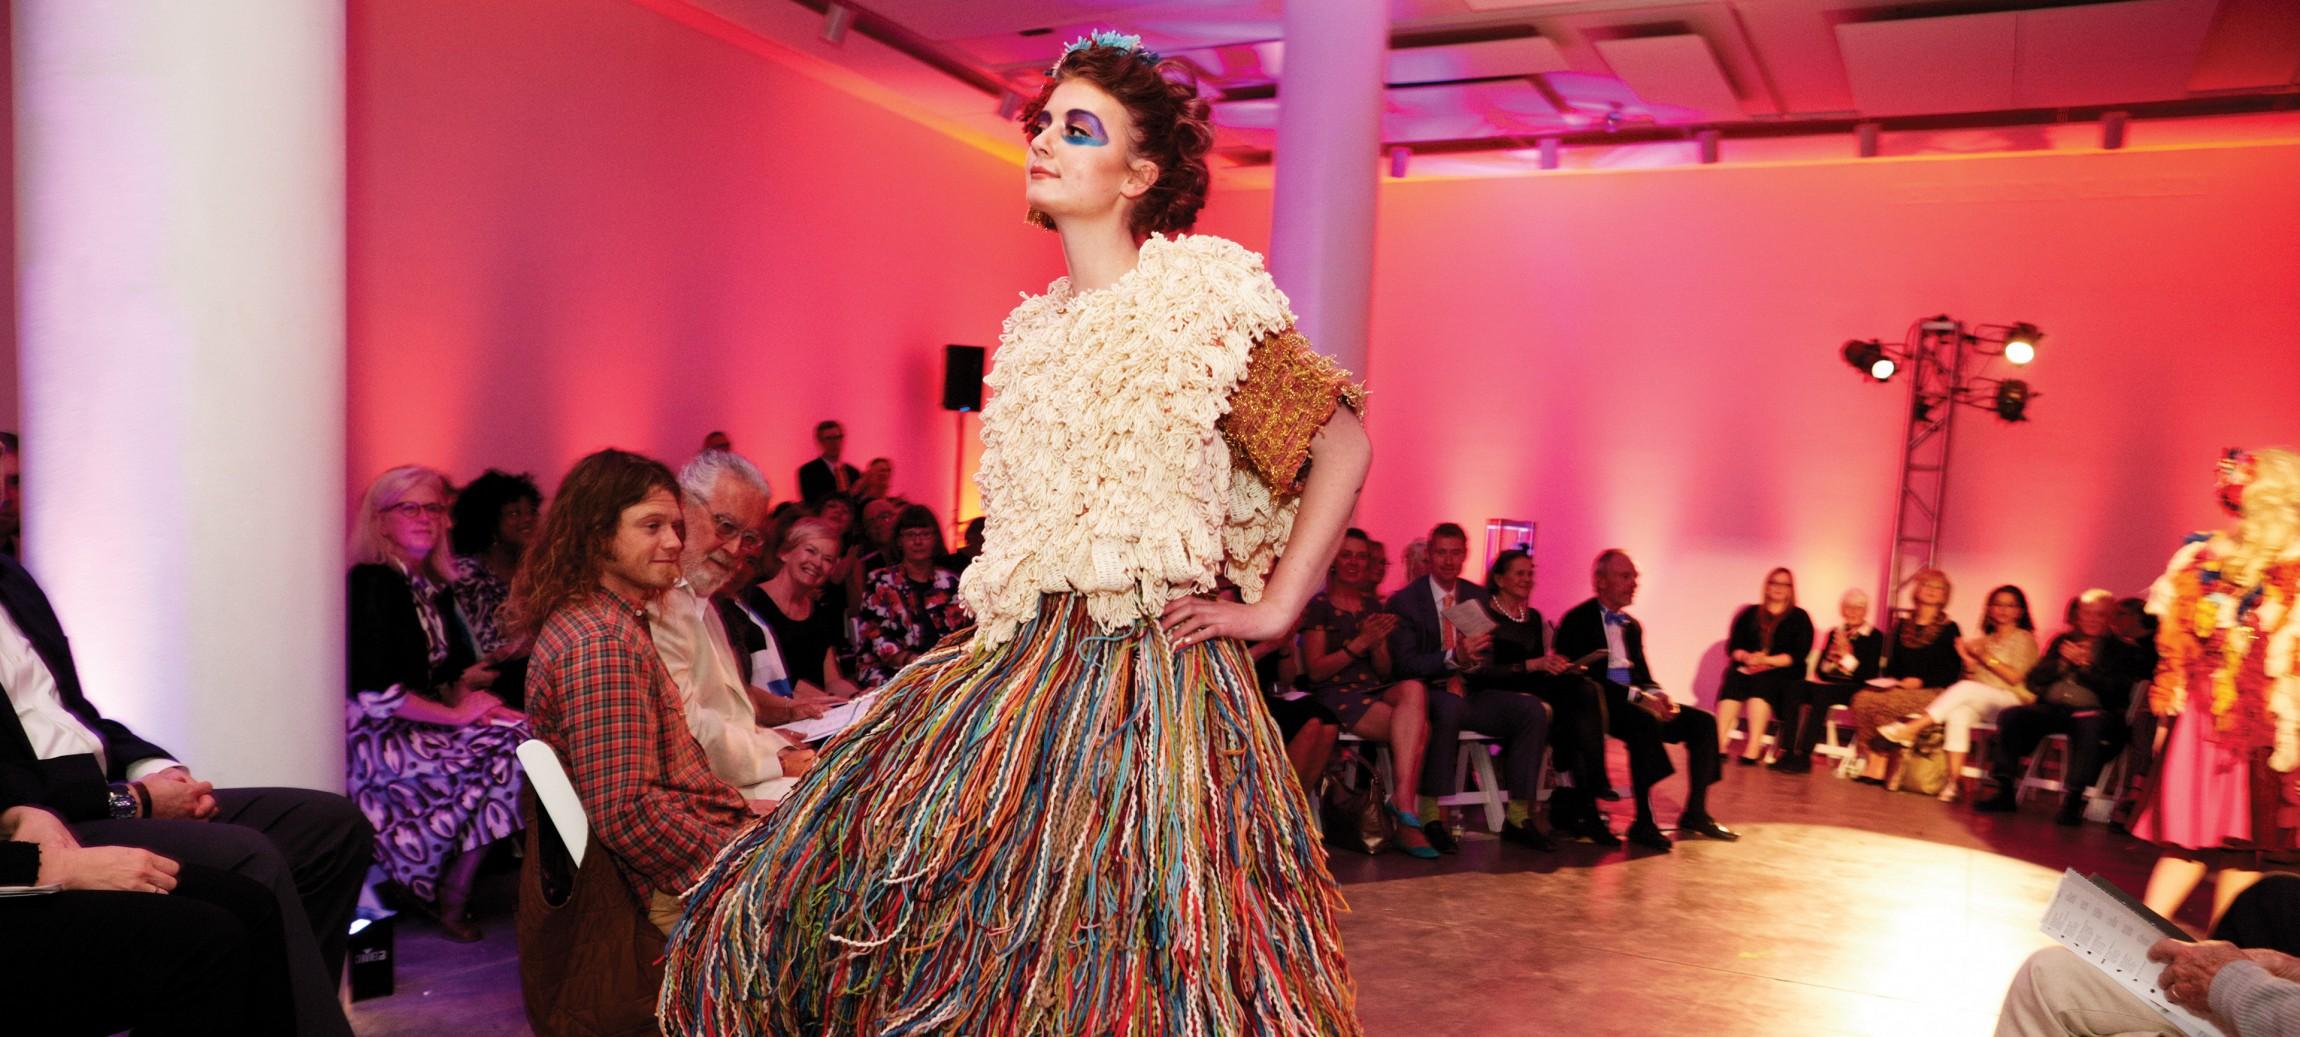 FashionShow3-2300x1037.jpg